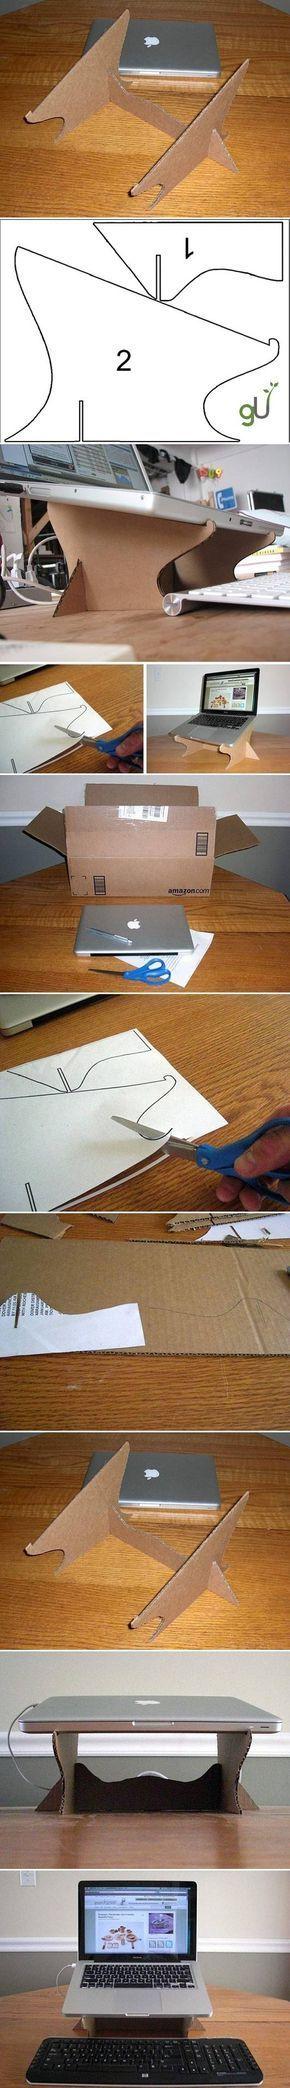 Suporte básico de notebook. De papelão. Pintando fica ainda mais bonito!